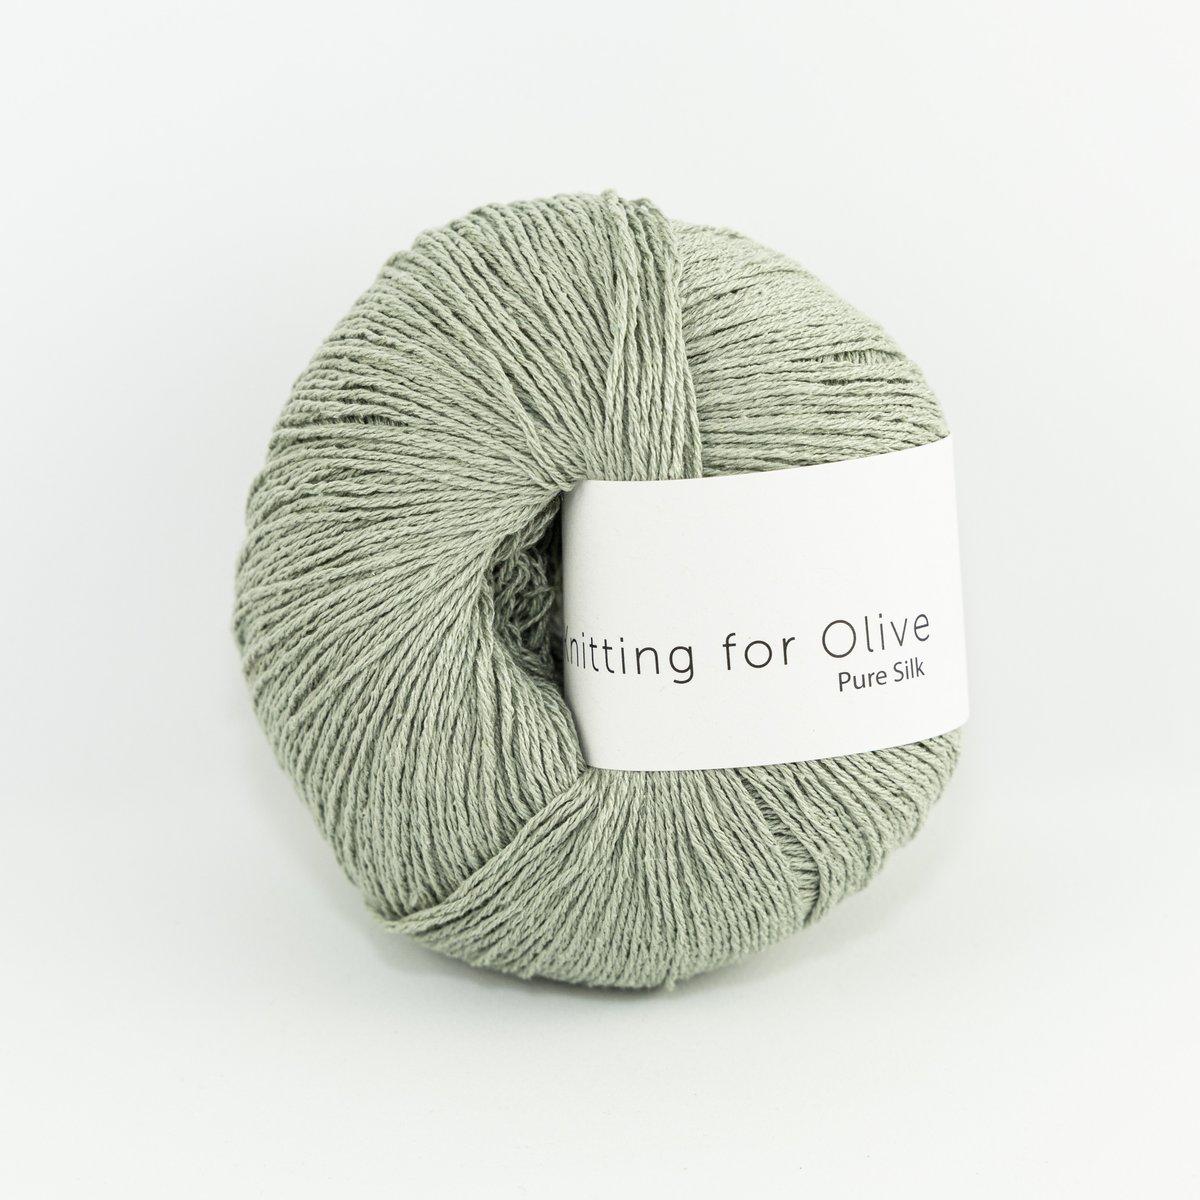 KFO Pure Silk Støvet Artiskok